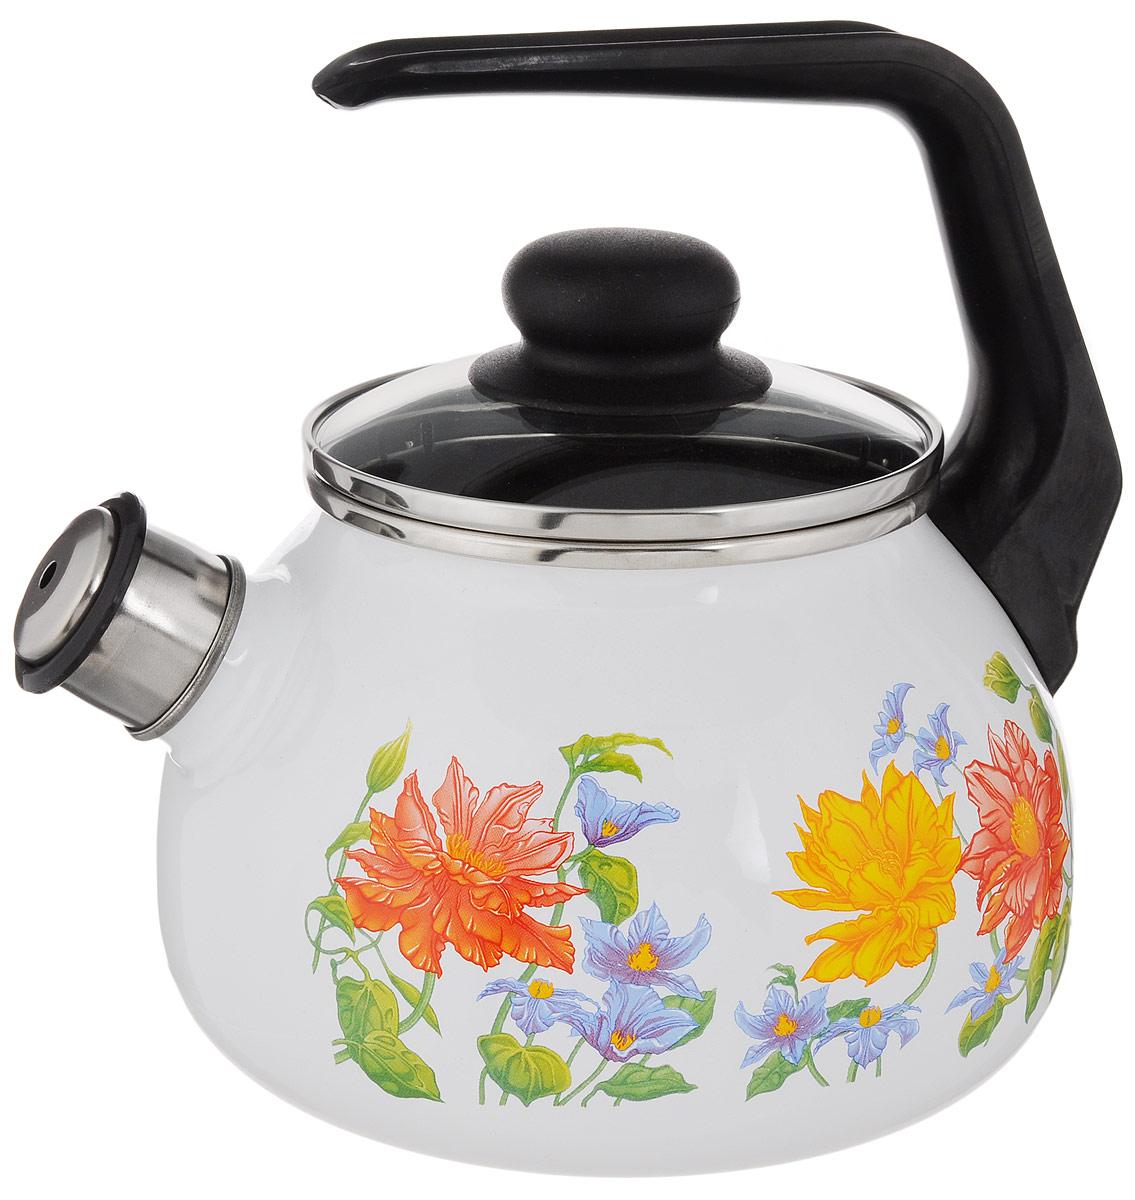 """Чайник СтальЭмаль """"Цветочный"""" выполнен из  высококачественной стального проката, покрытого двумя  слоями жаропрочной эмали. Такое покрытие защищает  сталь от коррозии, придает посуде гладкую  стекловидную поверхность и надежно защищает от  кислот и щелочей. Носик чайника оснащен свистком,  звуковой сигнал которого подскажет, когда закипит вода.  Чайник оснащен фиксированной ручкой из пластика и  стеклянной крышкой, которая плотно прилегает к краю  благодаря особой конструкции. Внешние стенки  декорированы красочным изображением цветов.  Эстетичный и функциональный чайник будет  оригинально смотреться в любом интерьере.  Подходит для газовых, электрических,  стеклокерамических плит, включая индукционные.  Можно мыть в посудомоечной машине.  Диаметр (по верхнему краю): 12,5 см. Высота чайника (с учетом ручки и крышки): 20,5 см. Высота чайника (без учета ручки и крышки): 12,5 см."""